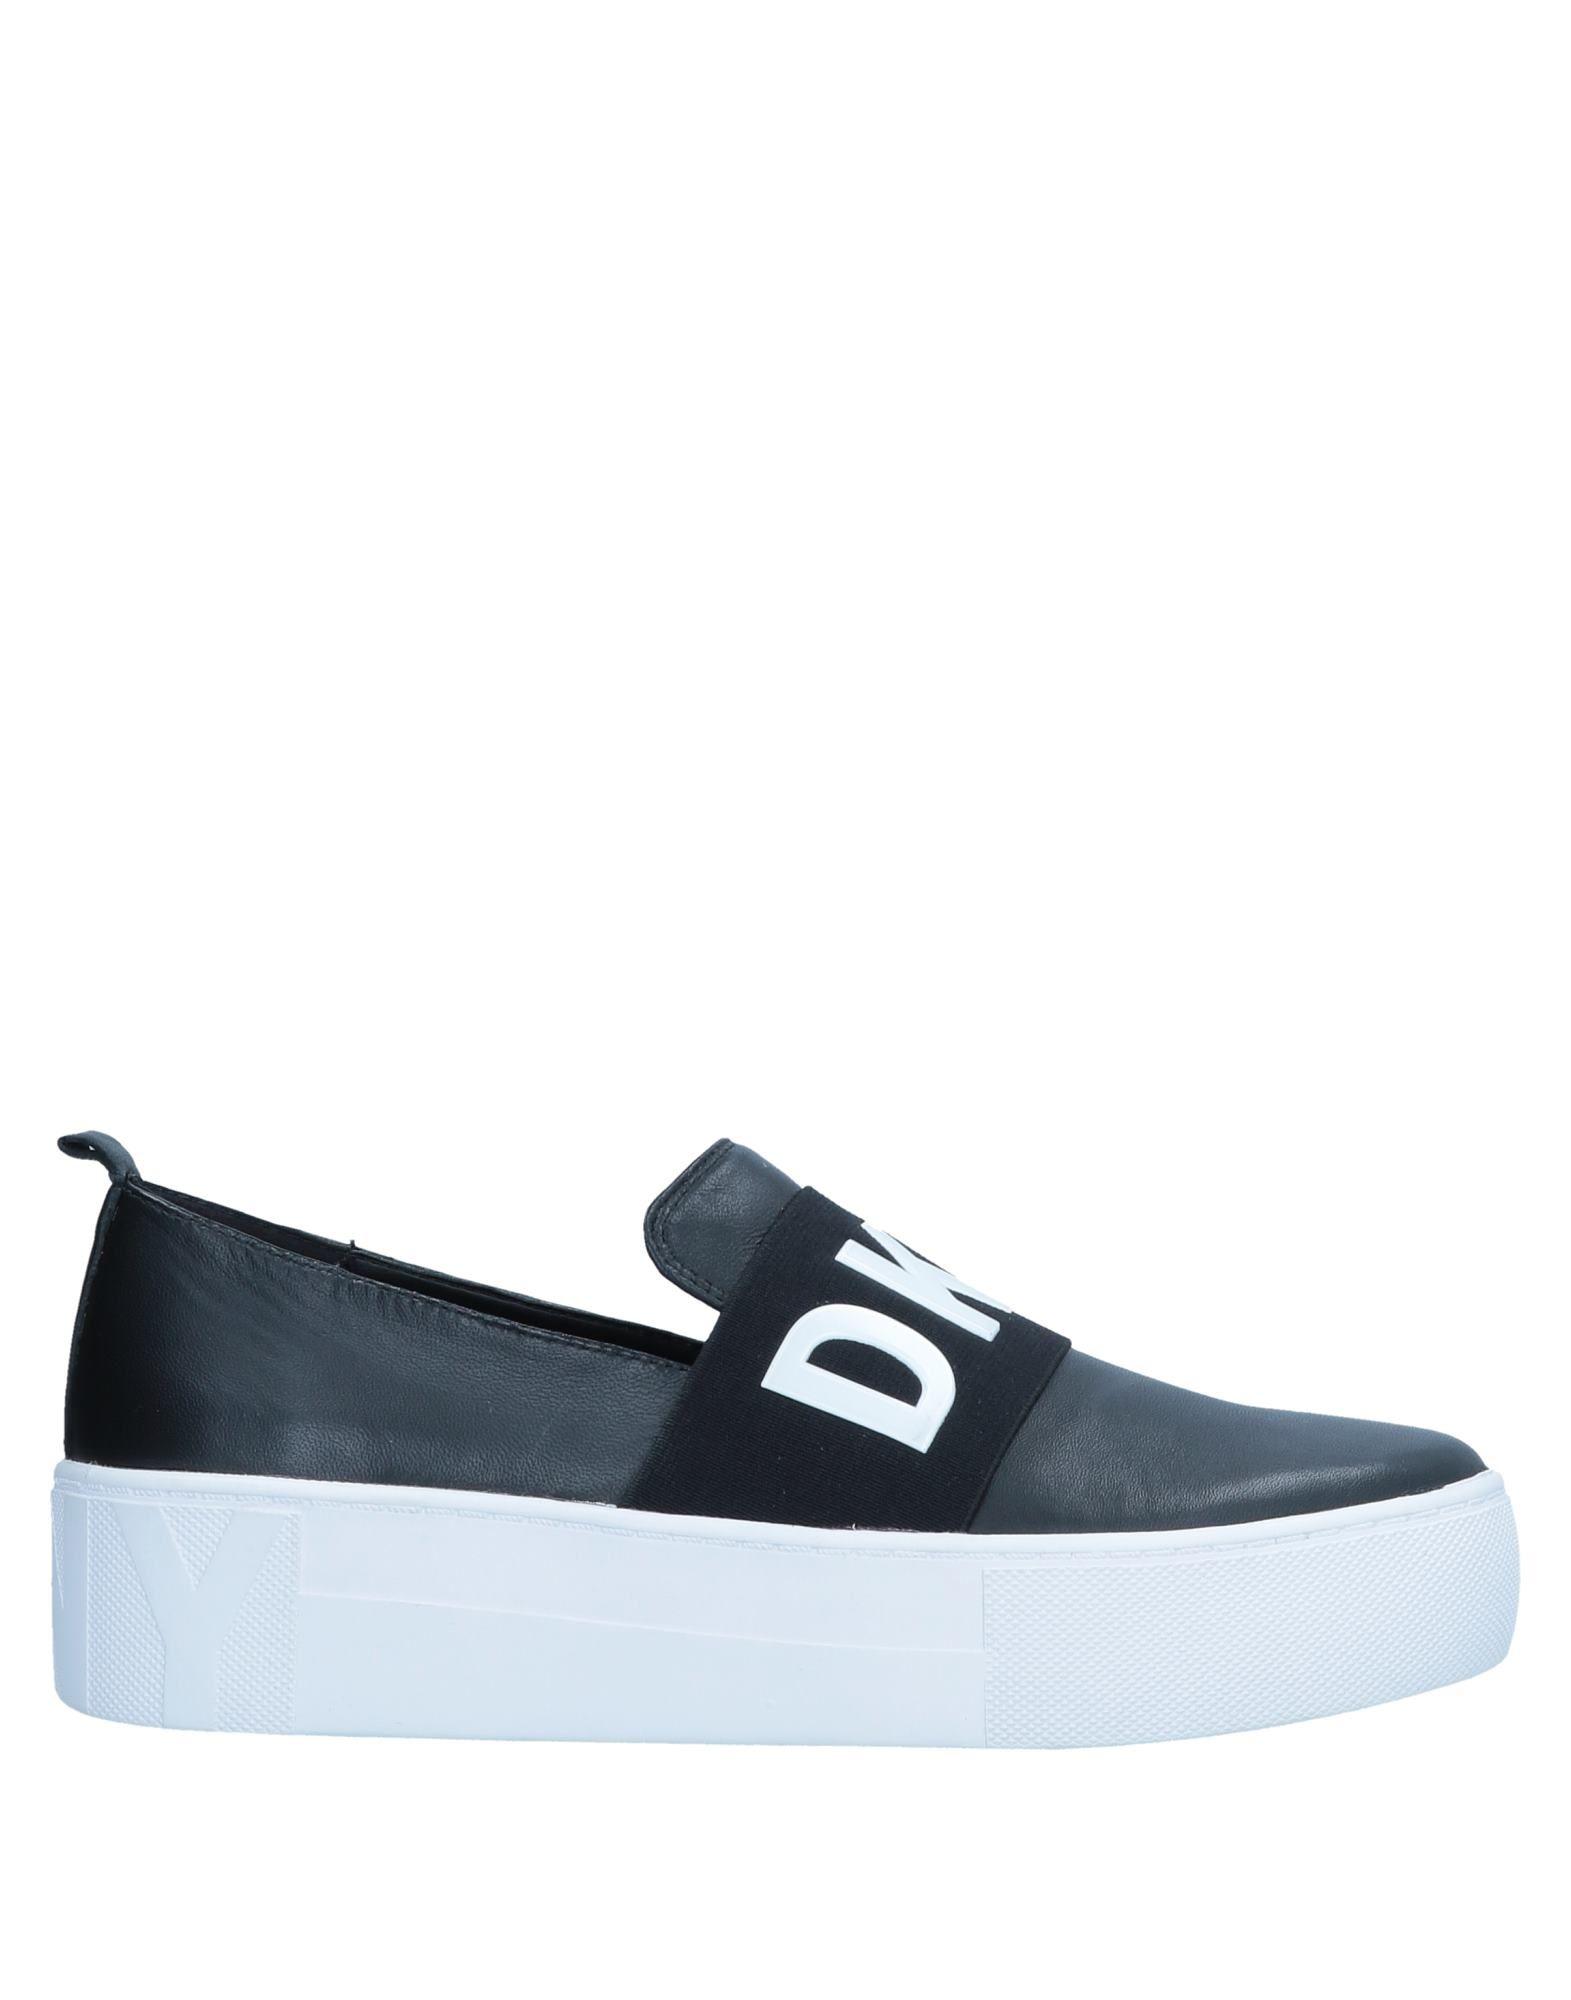 Dkny Sneakers Damen   Damen 11557496LM 140dd1